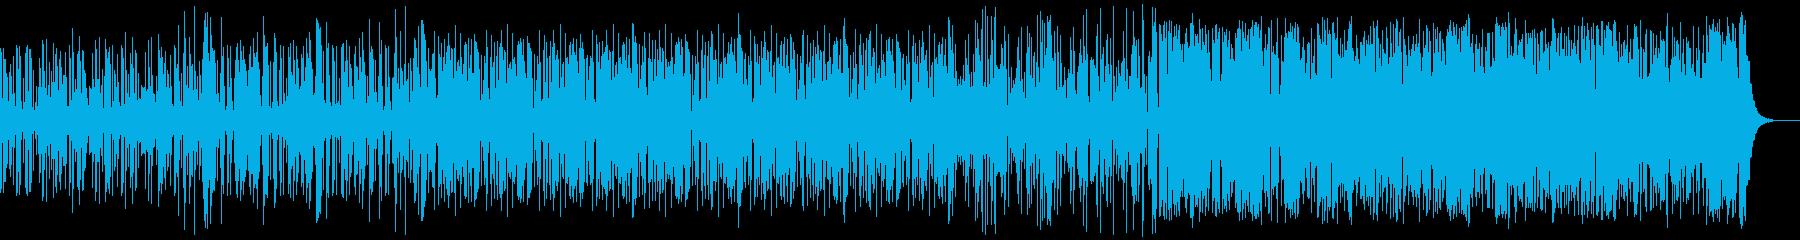 ファンキーでグルービングなインスト...の再生済みの波形